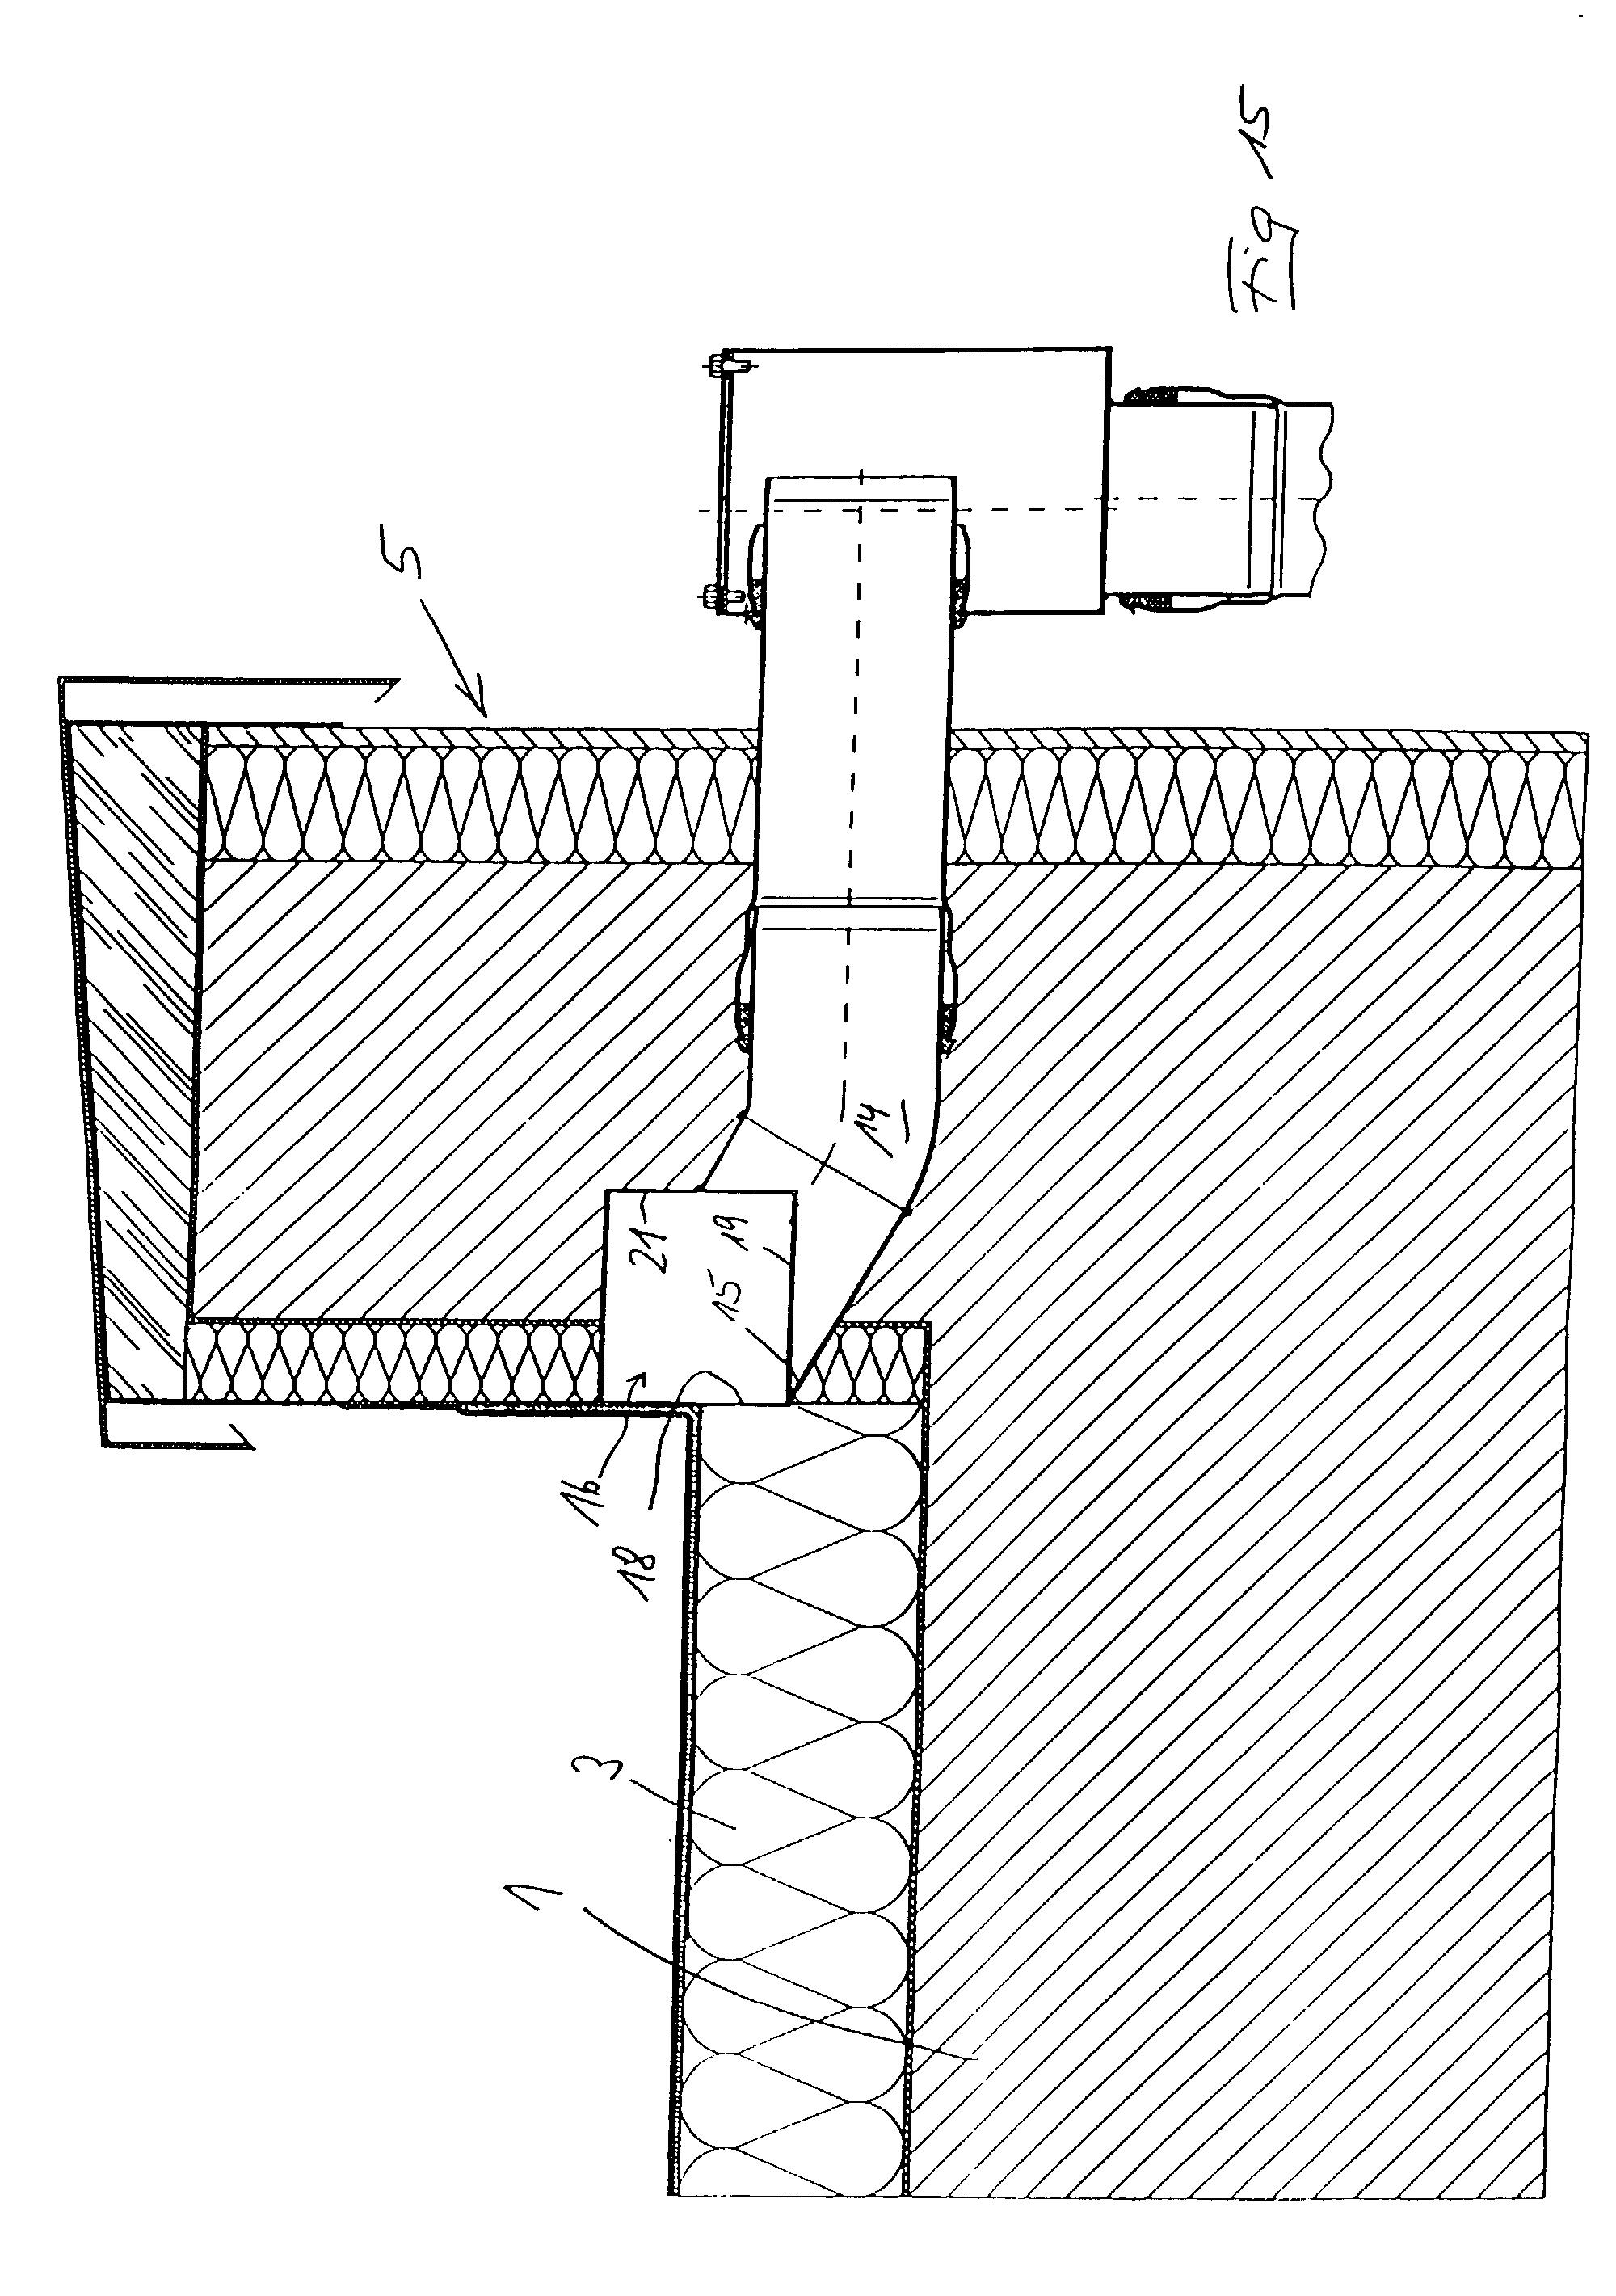 Fallrohr flachdach  Patent EP0940520A2 - Flachdach-Wasserablauf und Flachdach mit ...